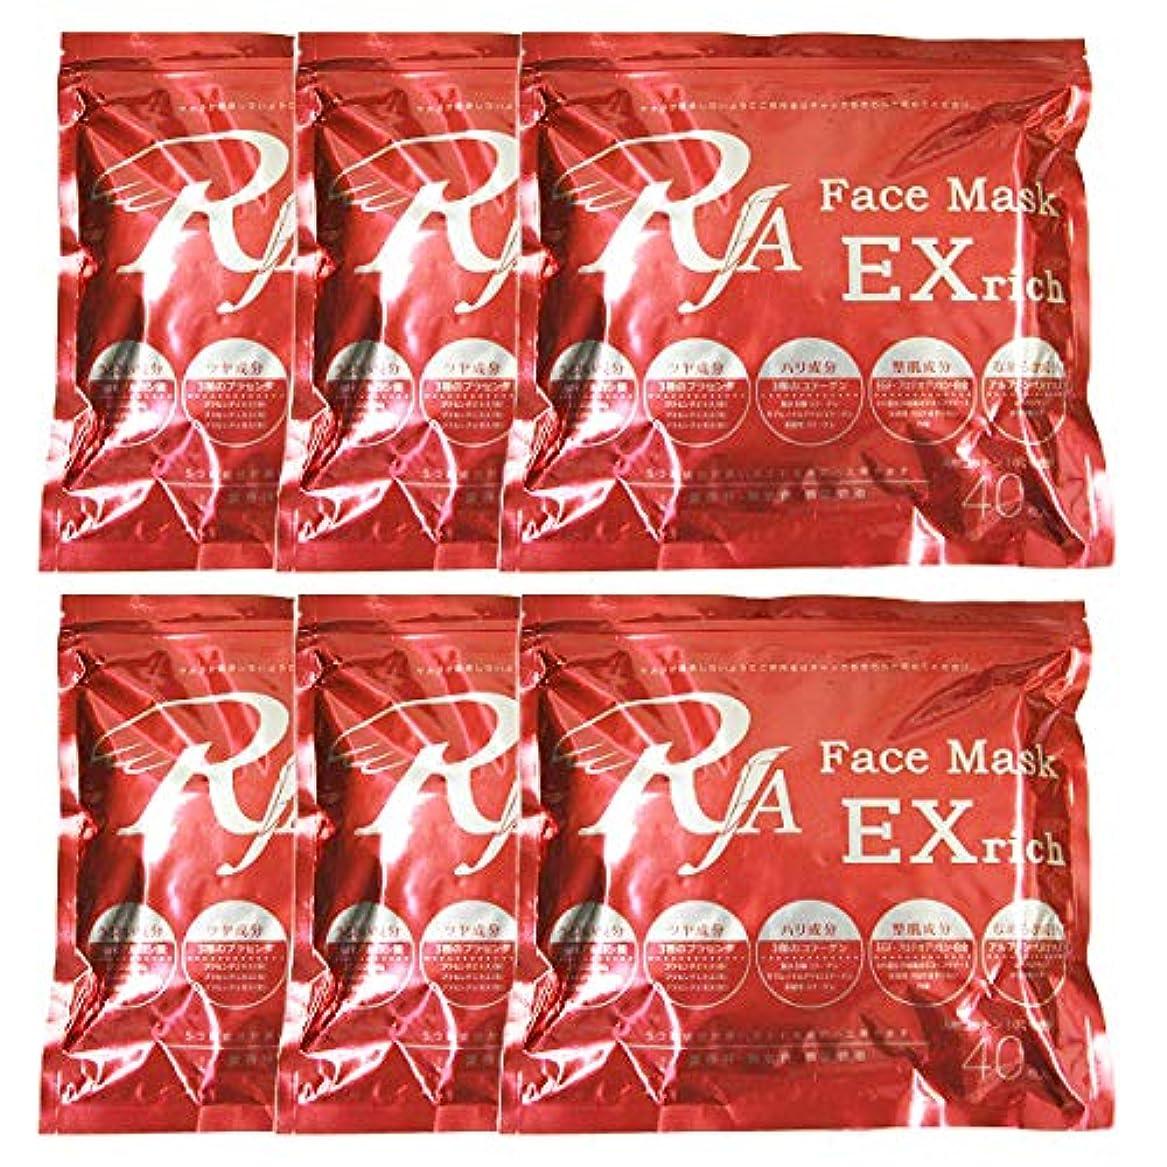 くびれたピッチャー動くTBS公式/RJA フェイス マスク EXrich 240枚入(40枚×6袋) エステ使用の実力派フェイスマスク!1枚に約11mlもの美容液